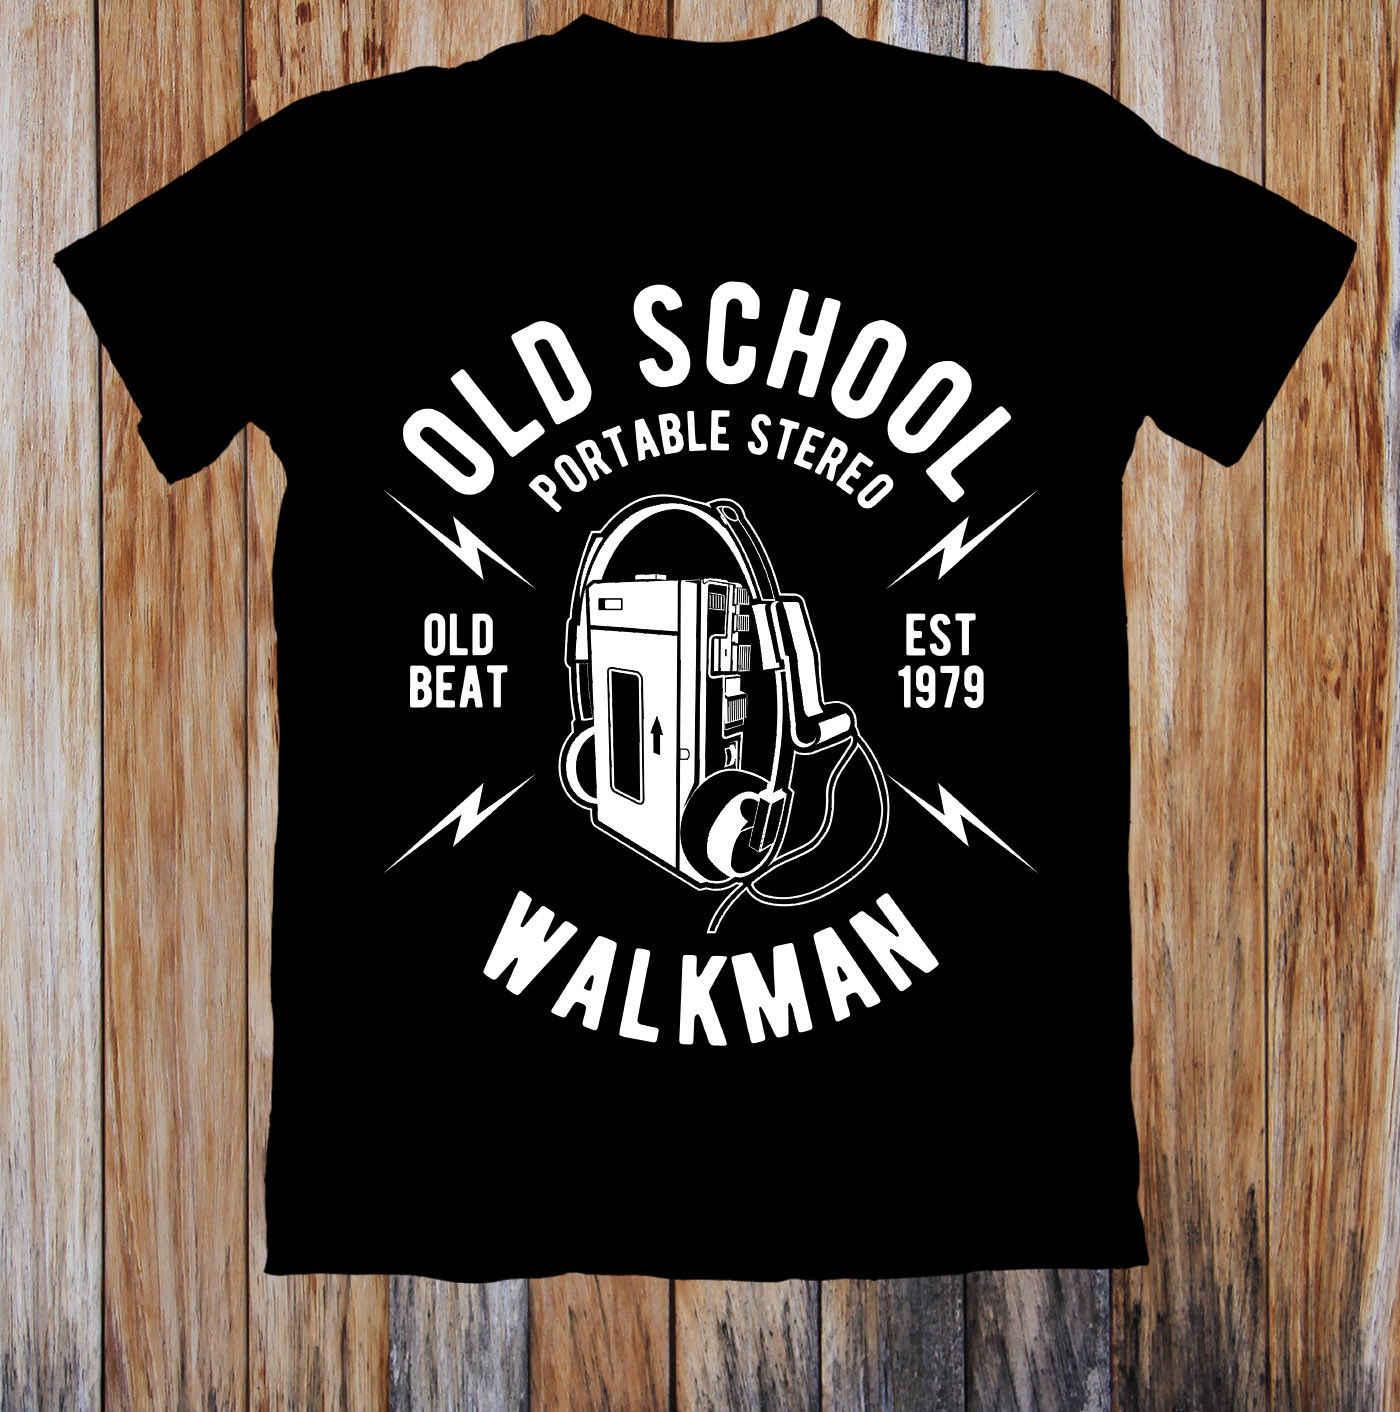 オールドスクールウォークマンレトロユニセックス Tシャツホワイトブラックグレーレッドズボン tシャツスーツ帽子ピンク tシャツレトロなヴィンテージ古典的な tシャツ